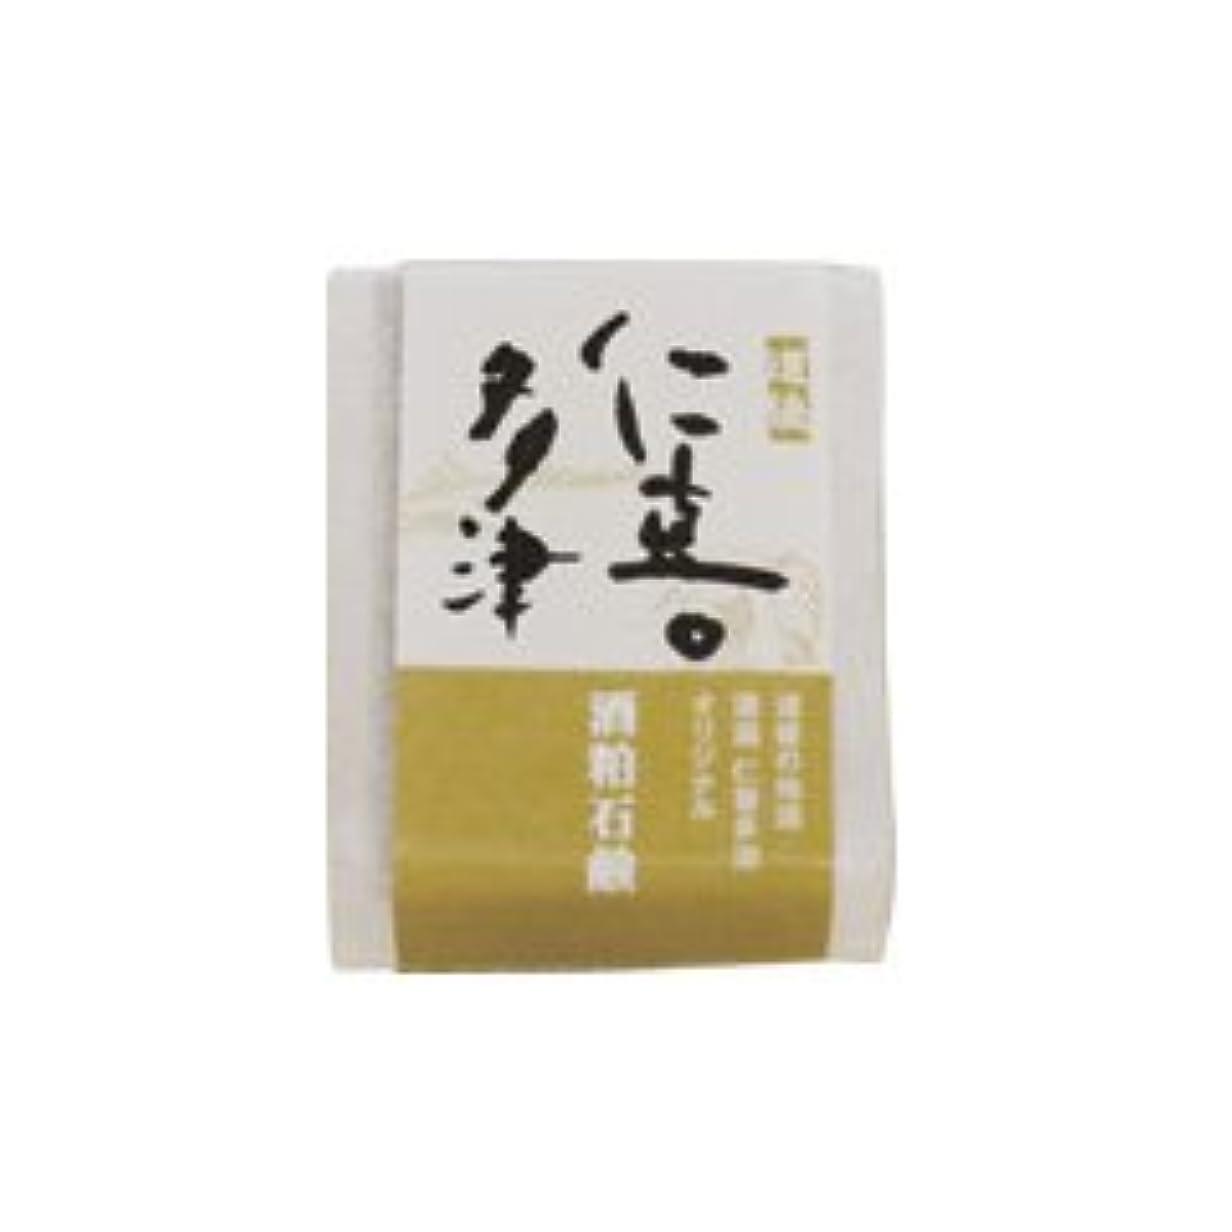 フィールド盲目晩ごはん仁喜多津 オリジナル 酒粕石鹸 60g